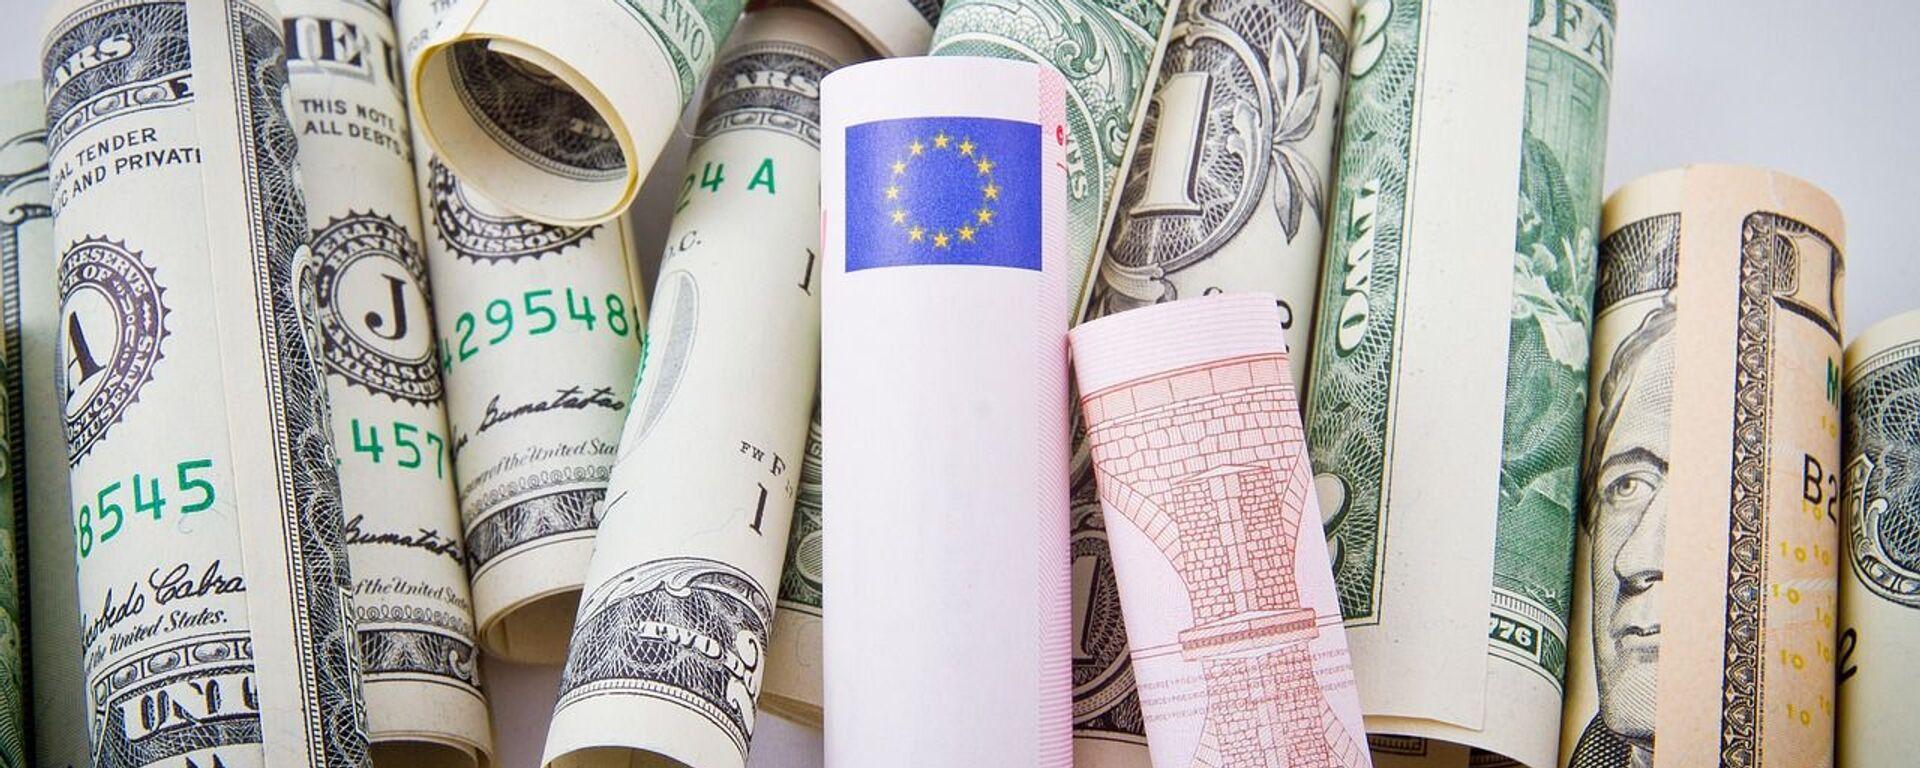 Δολάρια και ευρώ - Sputnik Ελλάδα, 1920, 06.04.2021